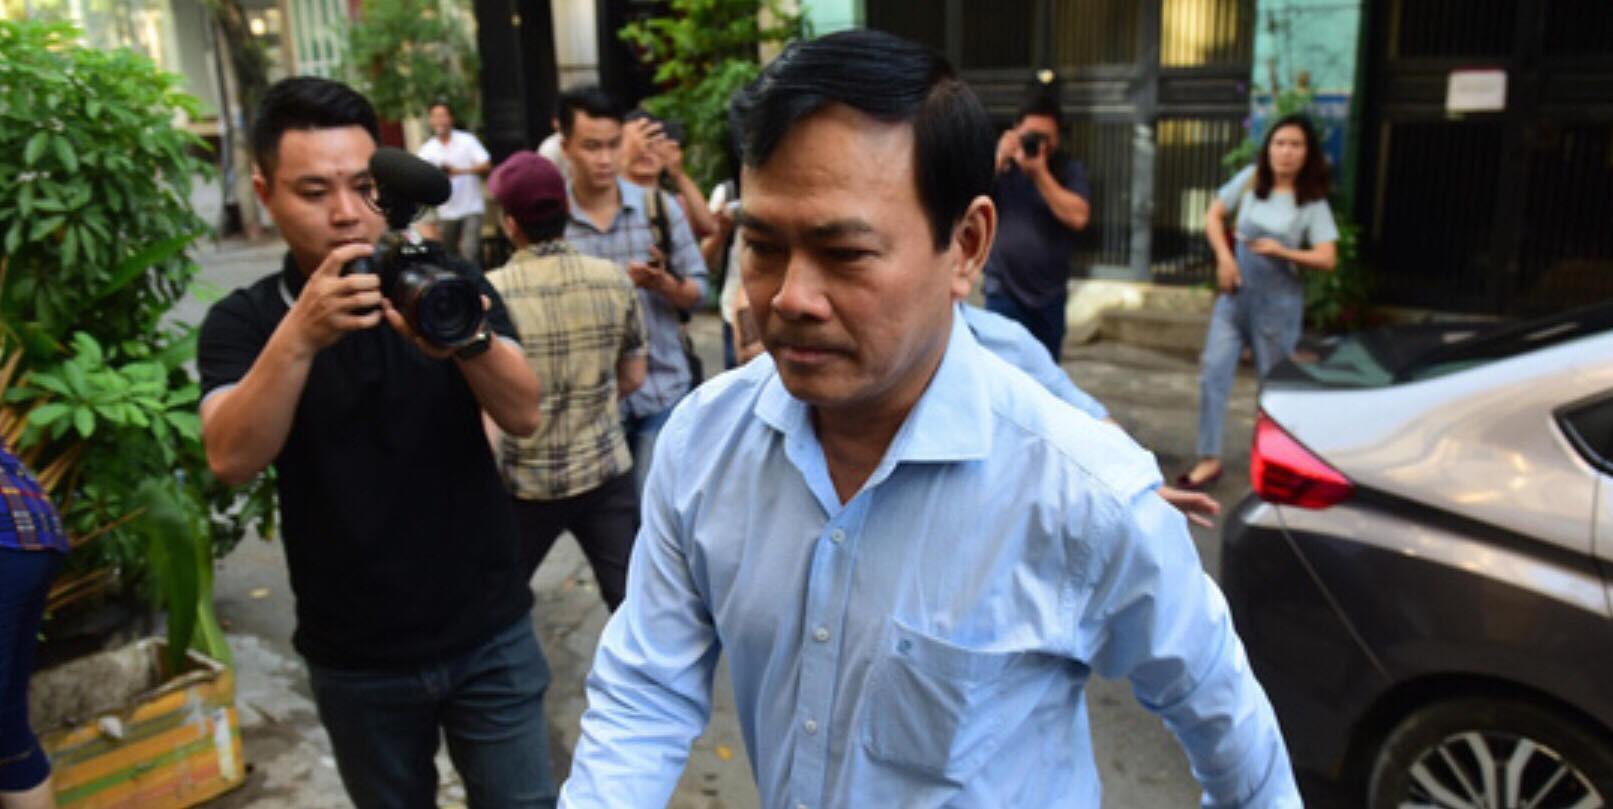 Ngày mai (23/8) xét xử sơ thẩm lần 2 vụ Nguyễn Hữu Linh: Thay đổi thẩm phán - Ảnh 1.